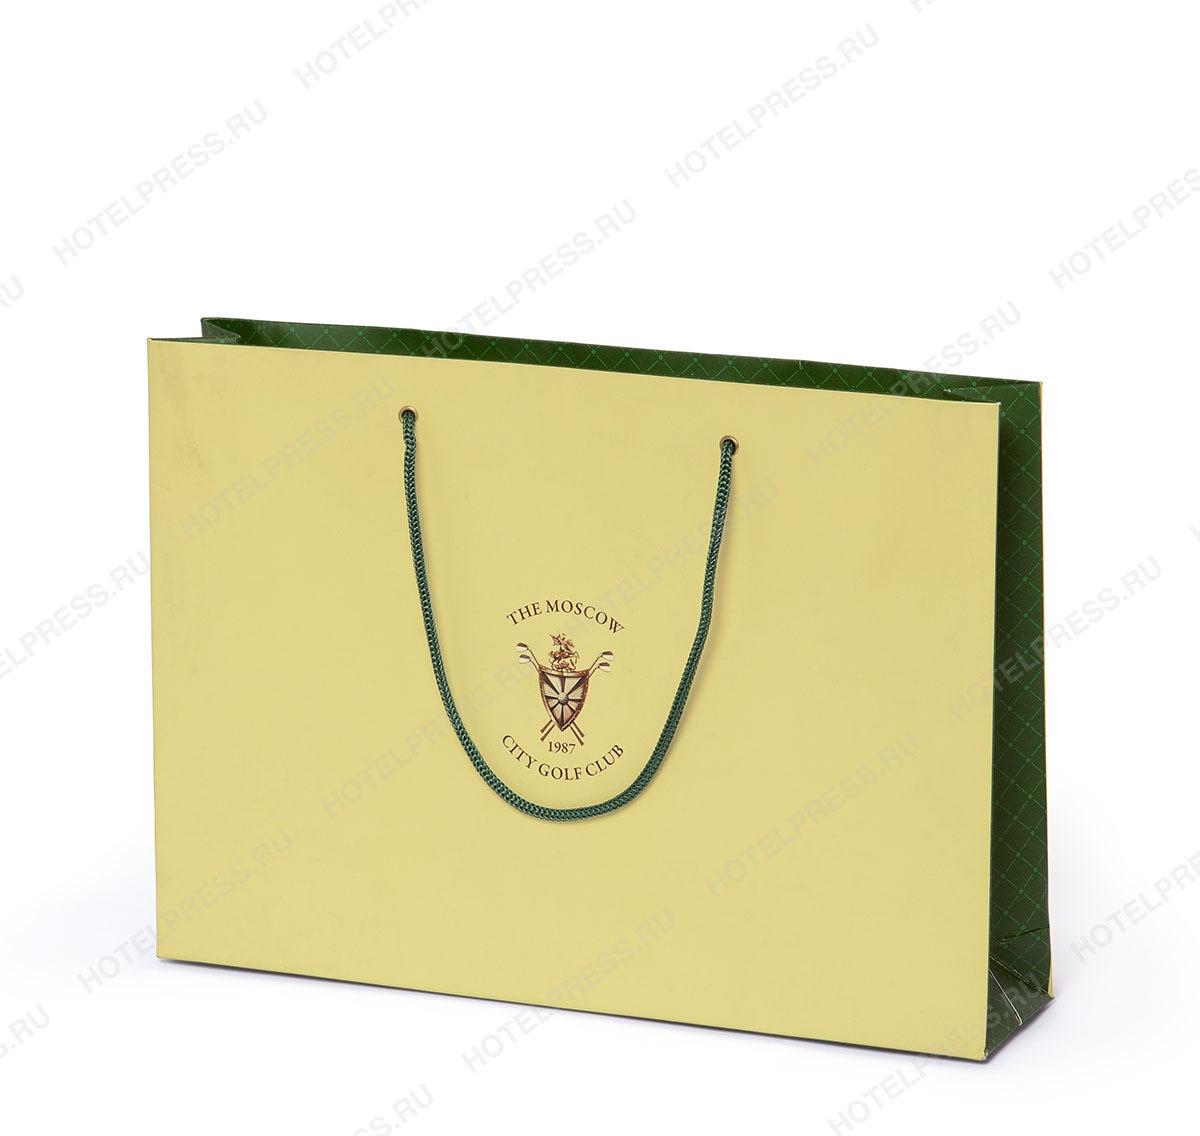 Небольшой пакет с фирменной символикой